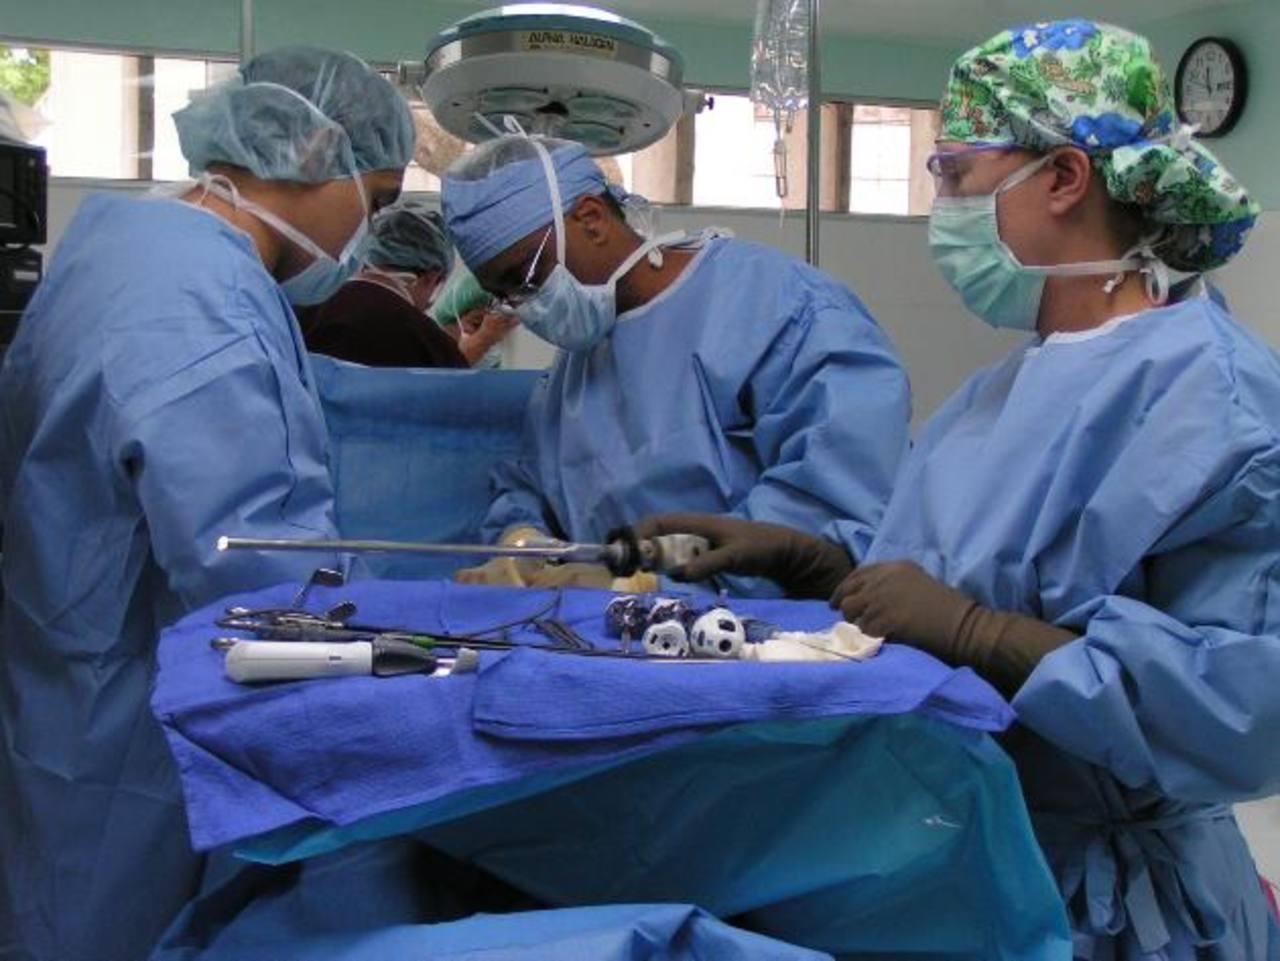 El microseguro cubre consulta médica anual, seguro de vida, indemnización por enfermedad, grave así como renta por hospitalización diaria. Foto EDH / archivo